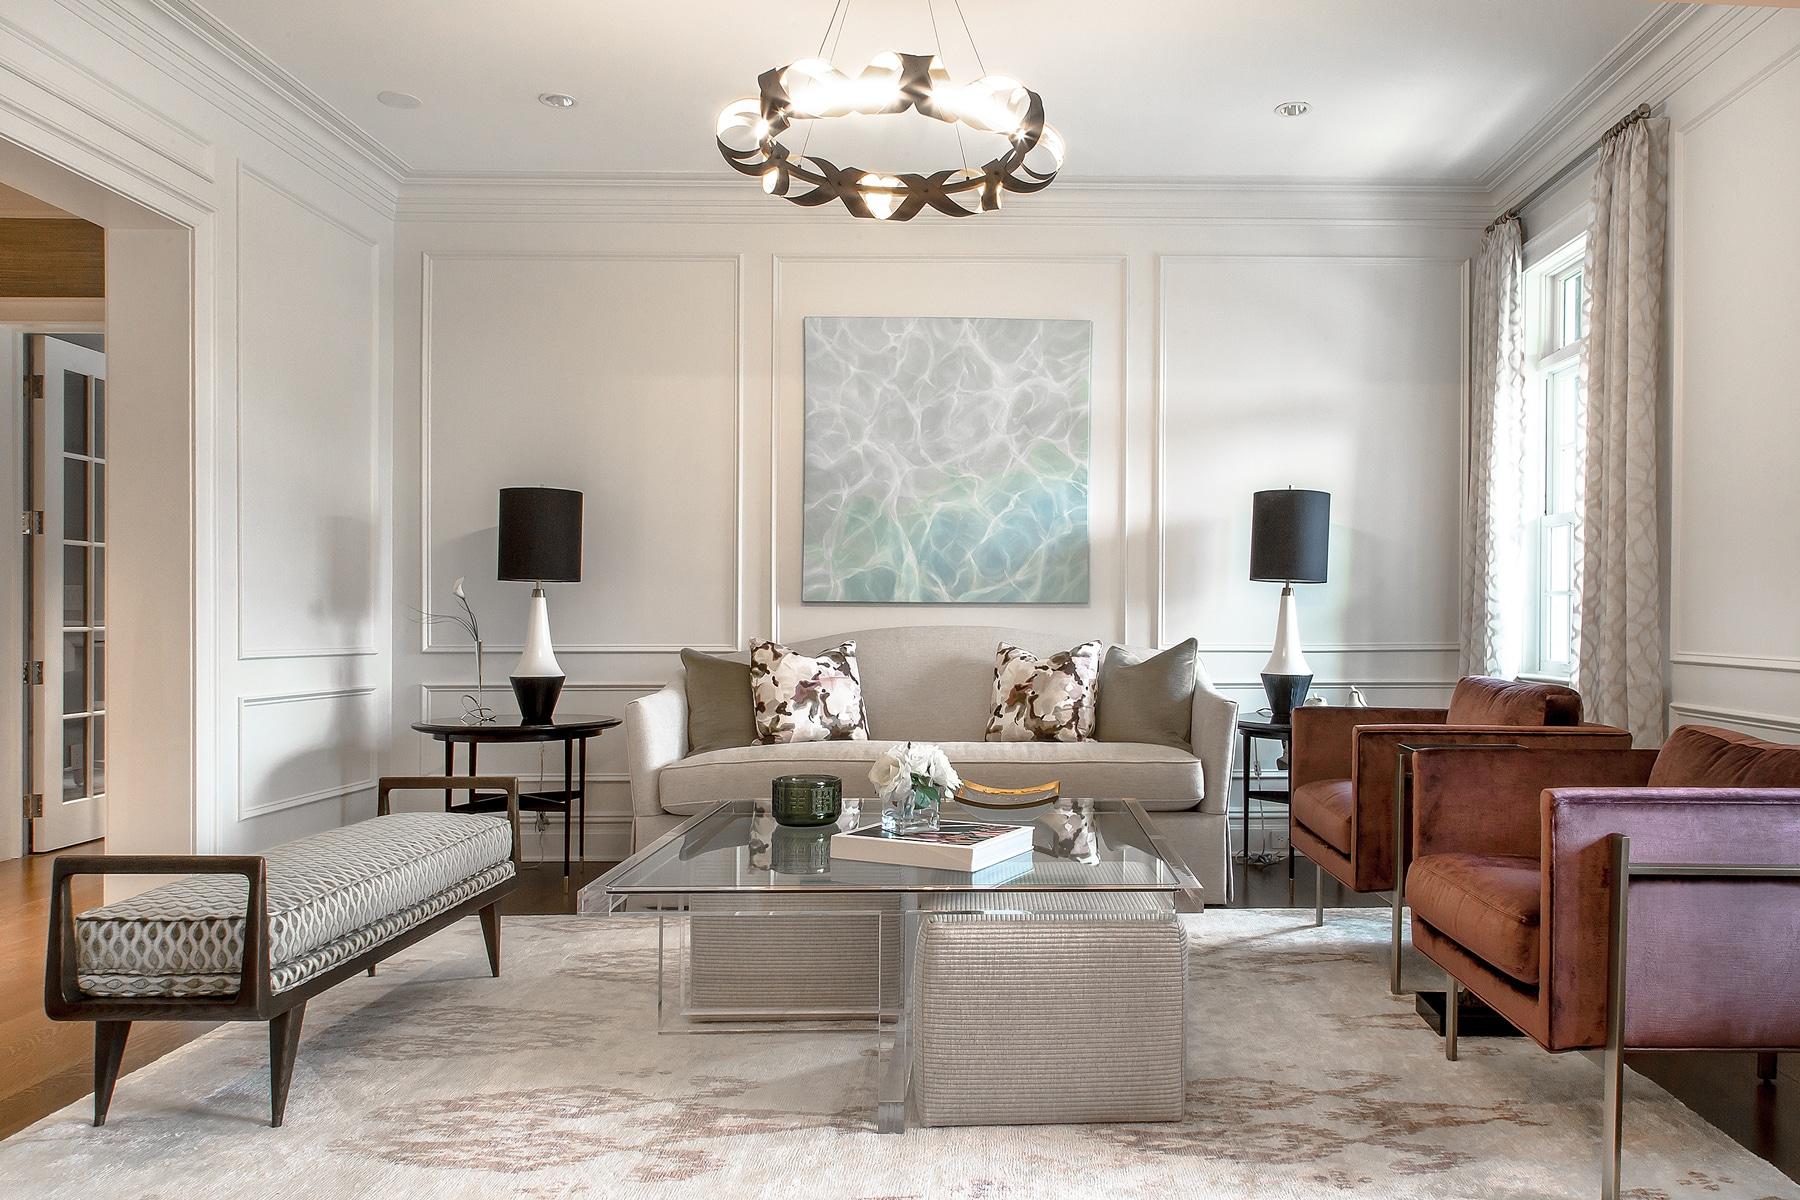 27-Livingroom_D_Sirriani25121b